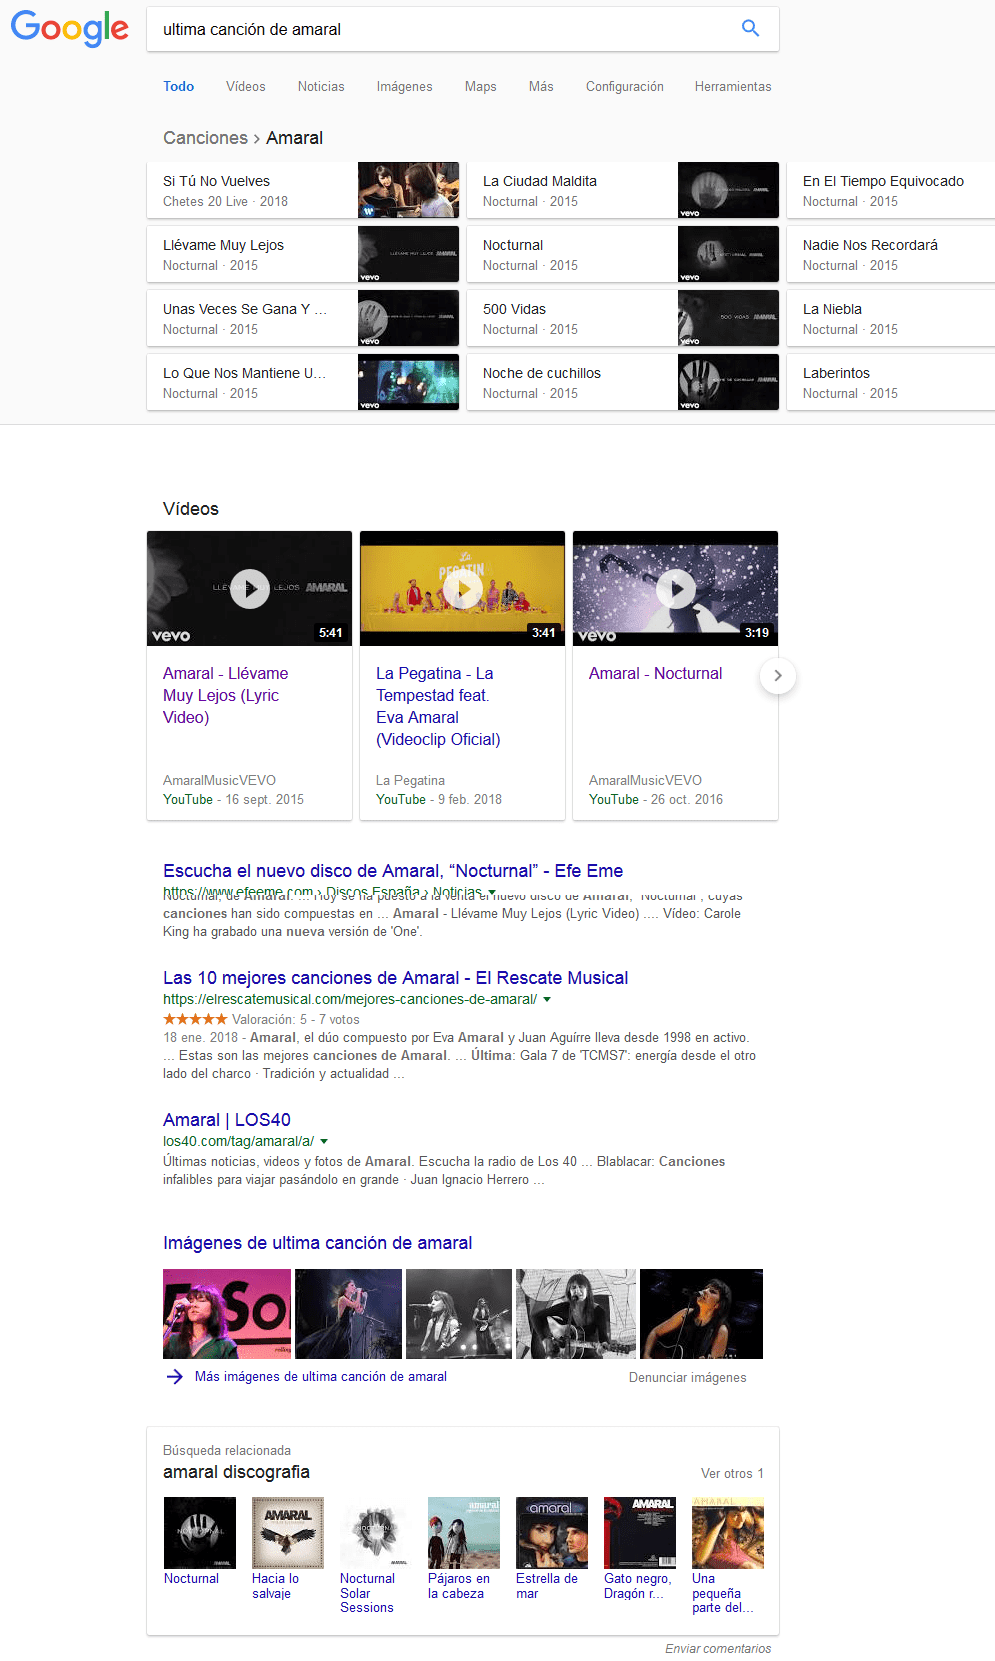 Ejemplo de distintos tipos de contenido en resultados de Google